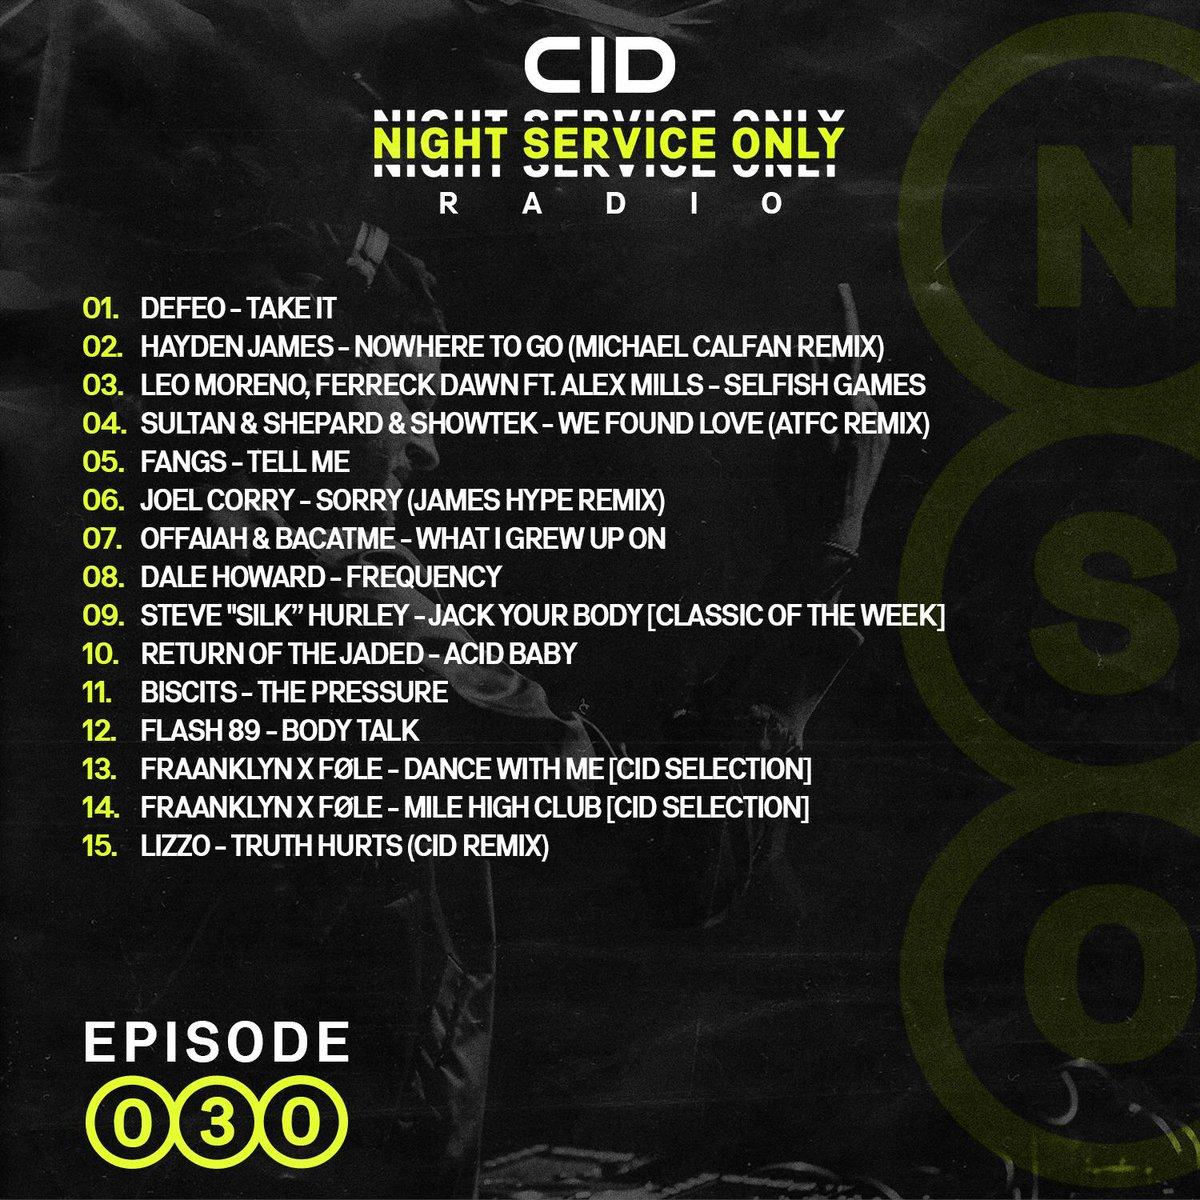 CID (@CIDmusic) | Twitter